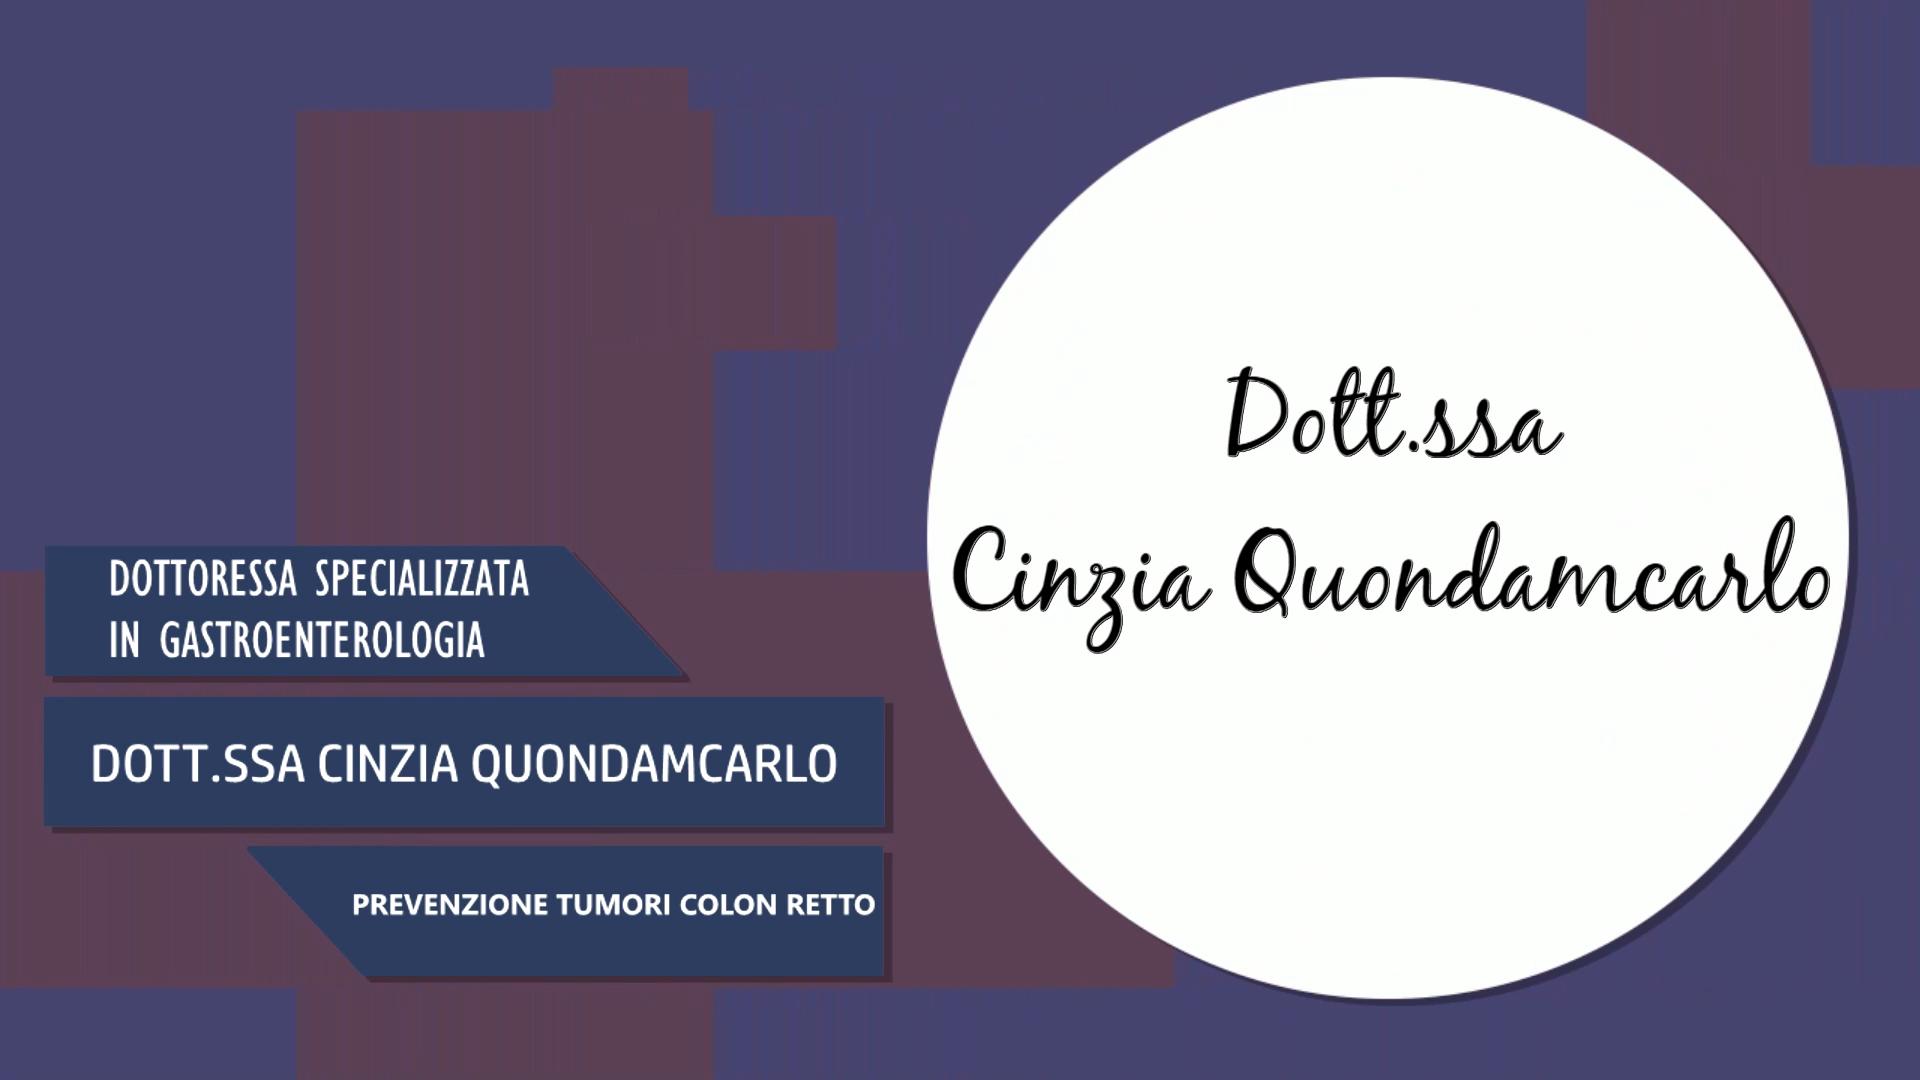 Intervista alla Dott.ssa Cinzia Quondamcarlo – Prevenzione tumori colon retto